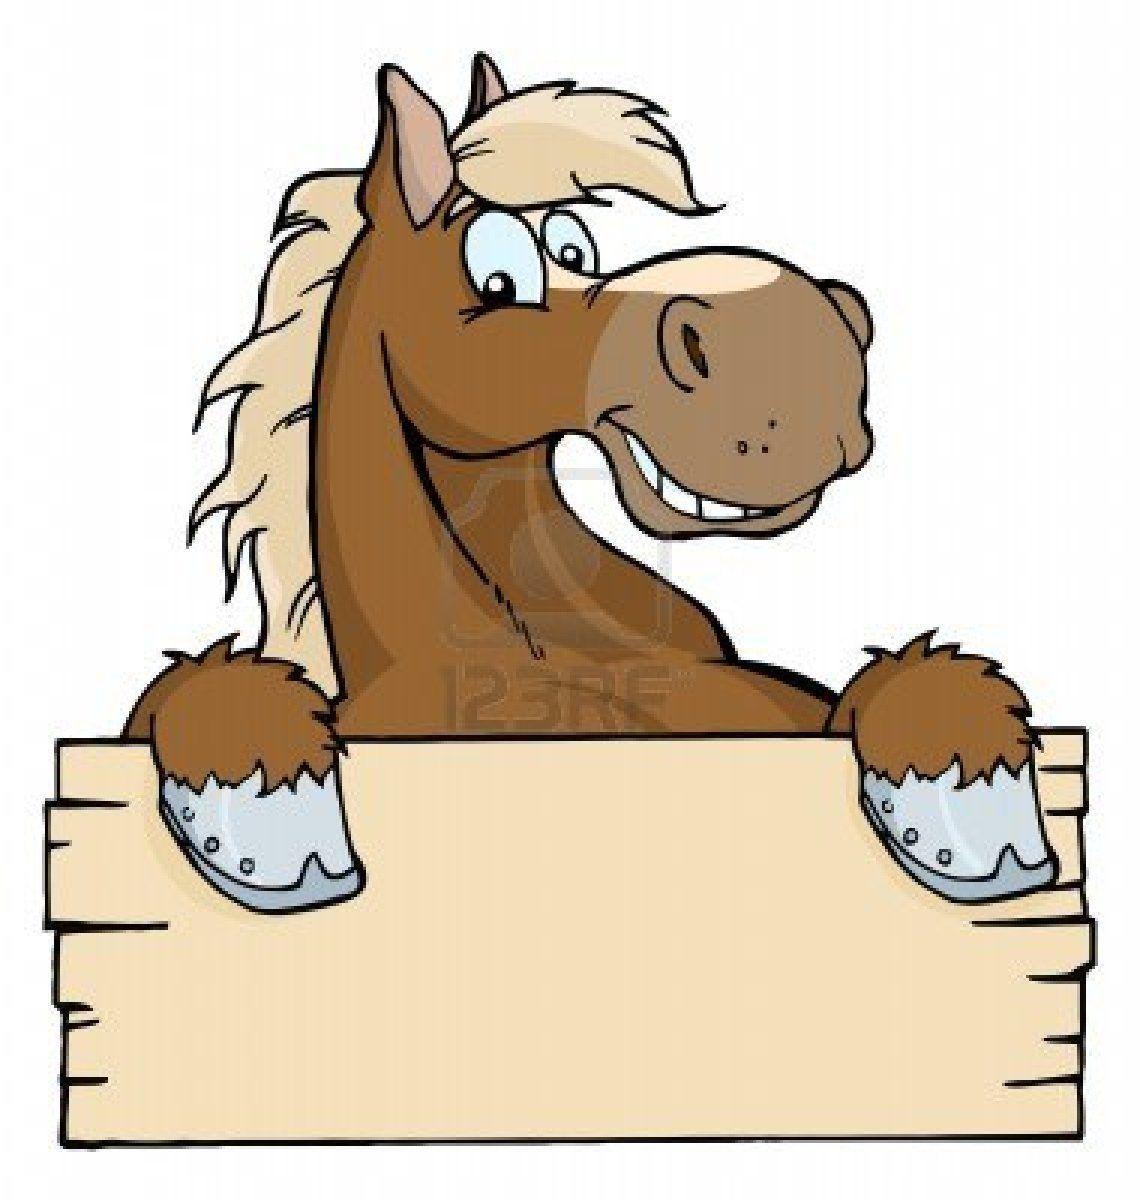 Amazing Wallpaper Horse Cartoon - 8610265d05717753488fb6356cab7489  You Should Have_933017.jpg